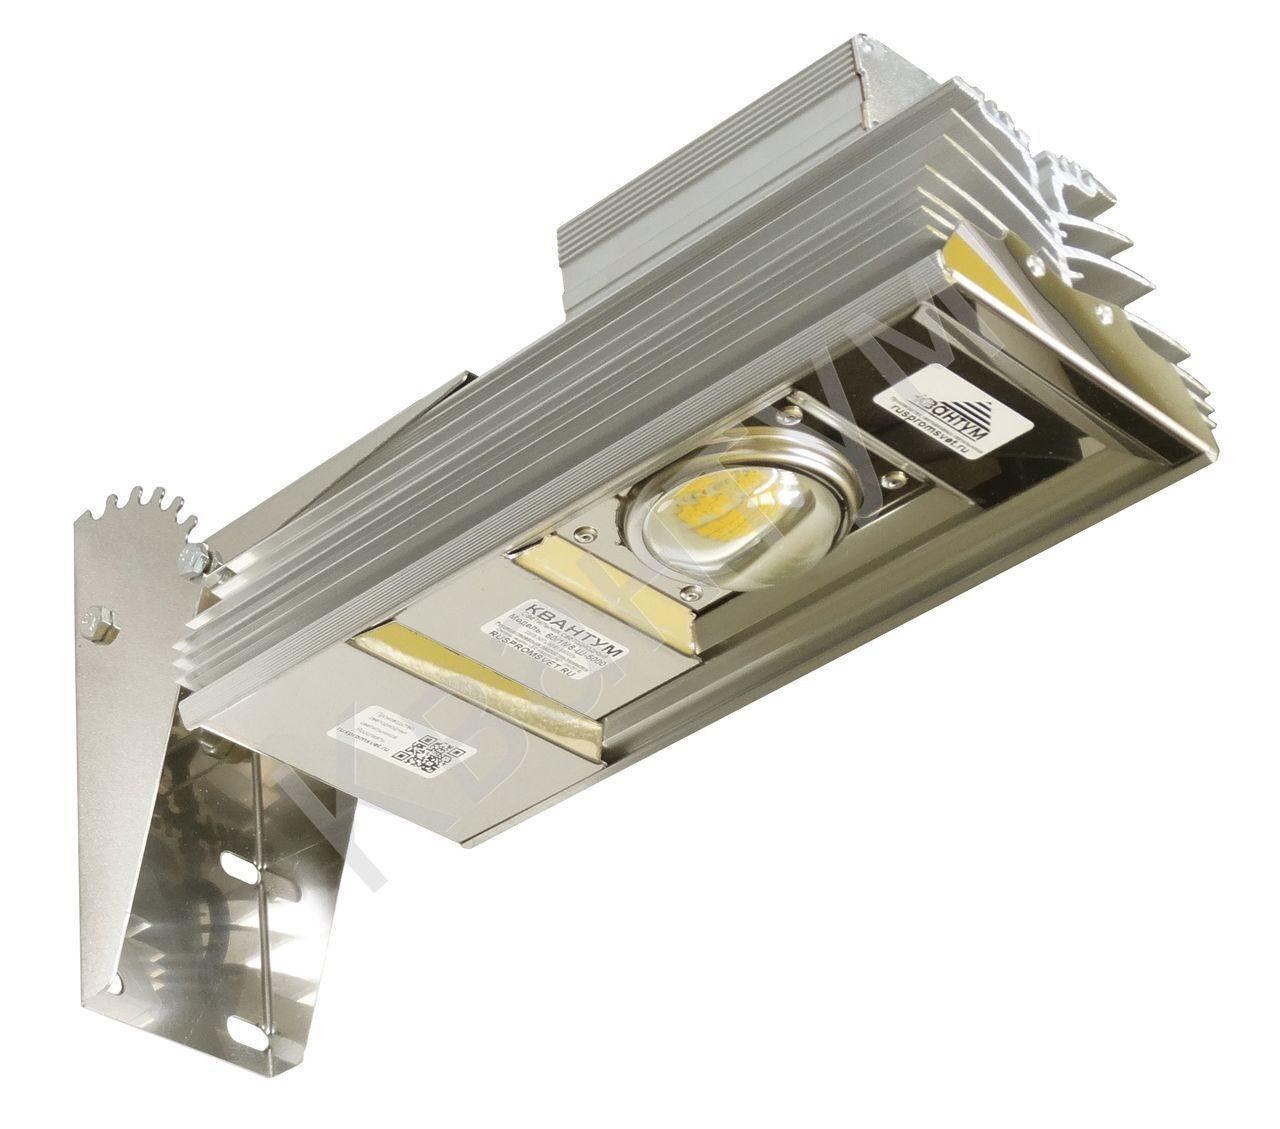 Кронштейн для светильника на стену - Уличные светодиодные